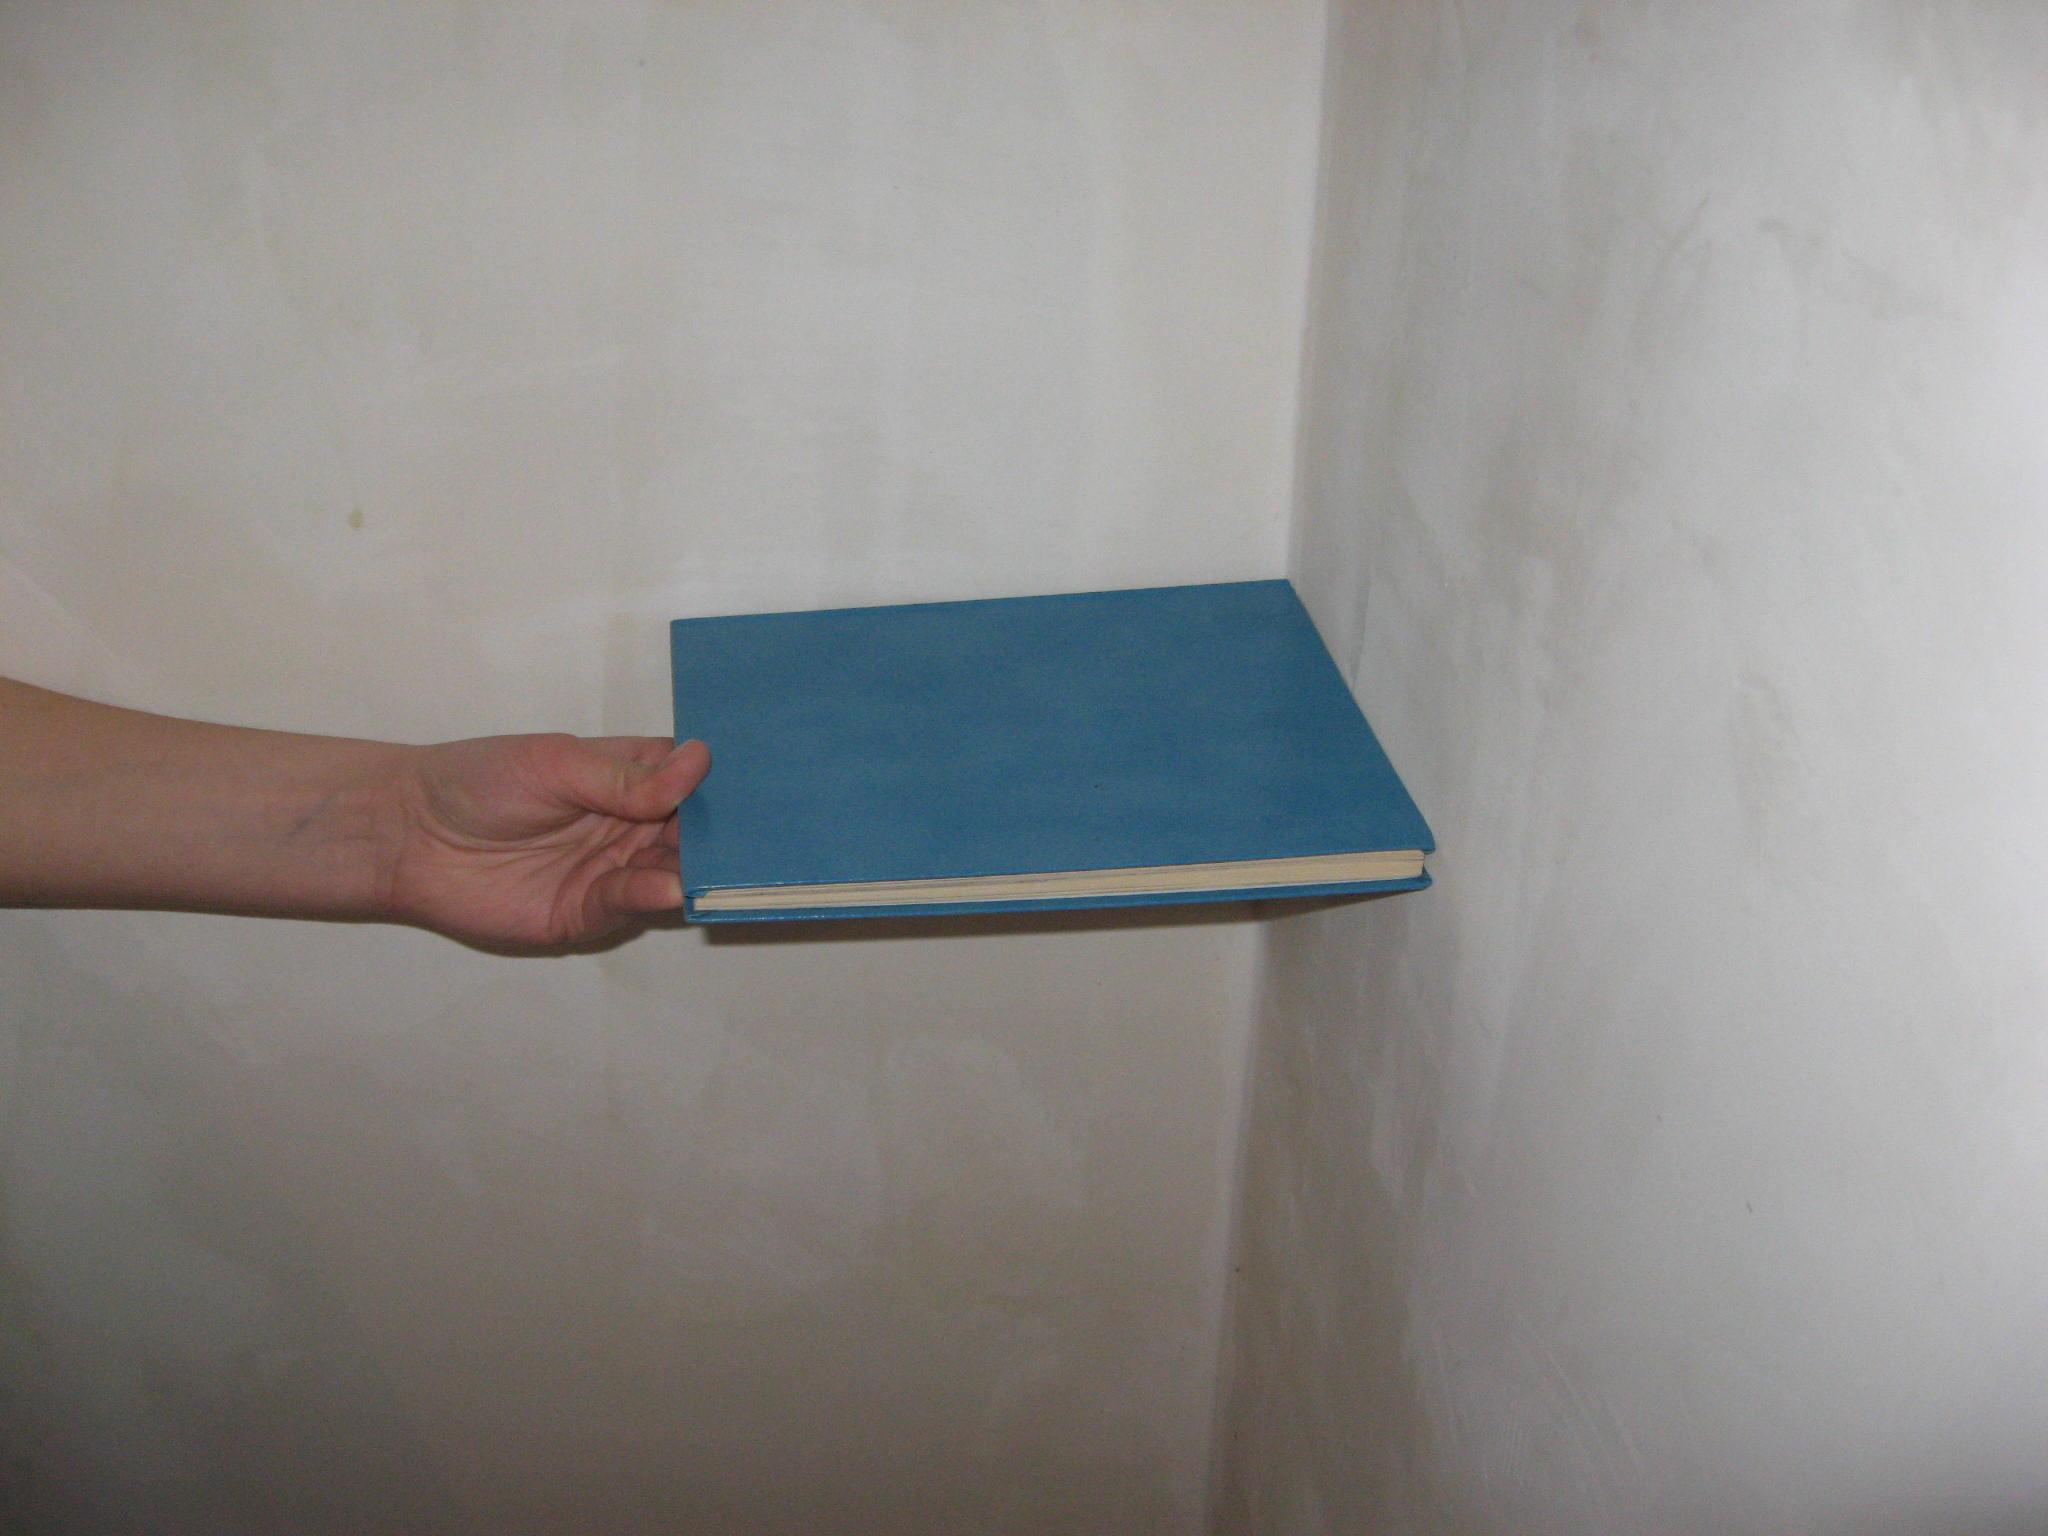 Делаем прямой угол между стенами